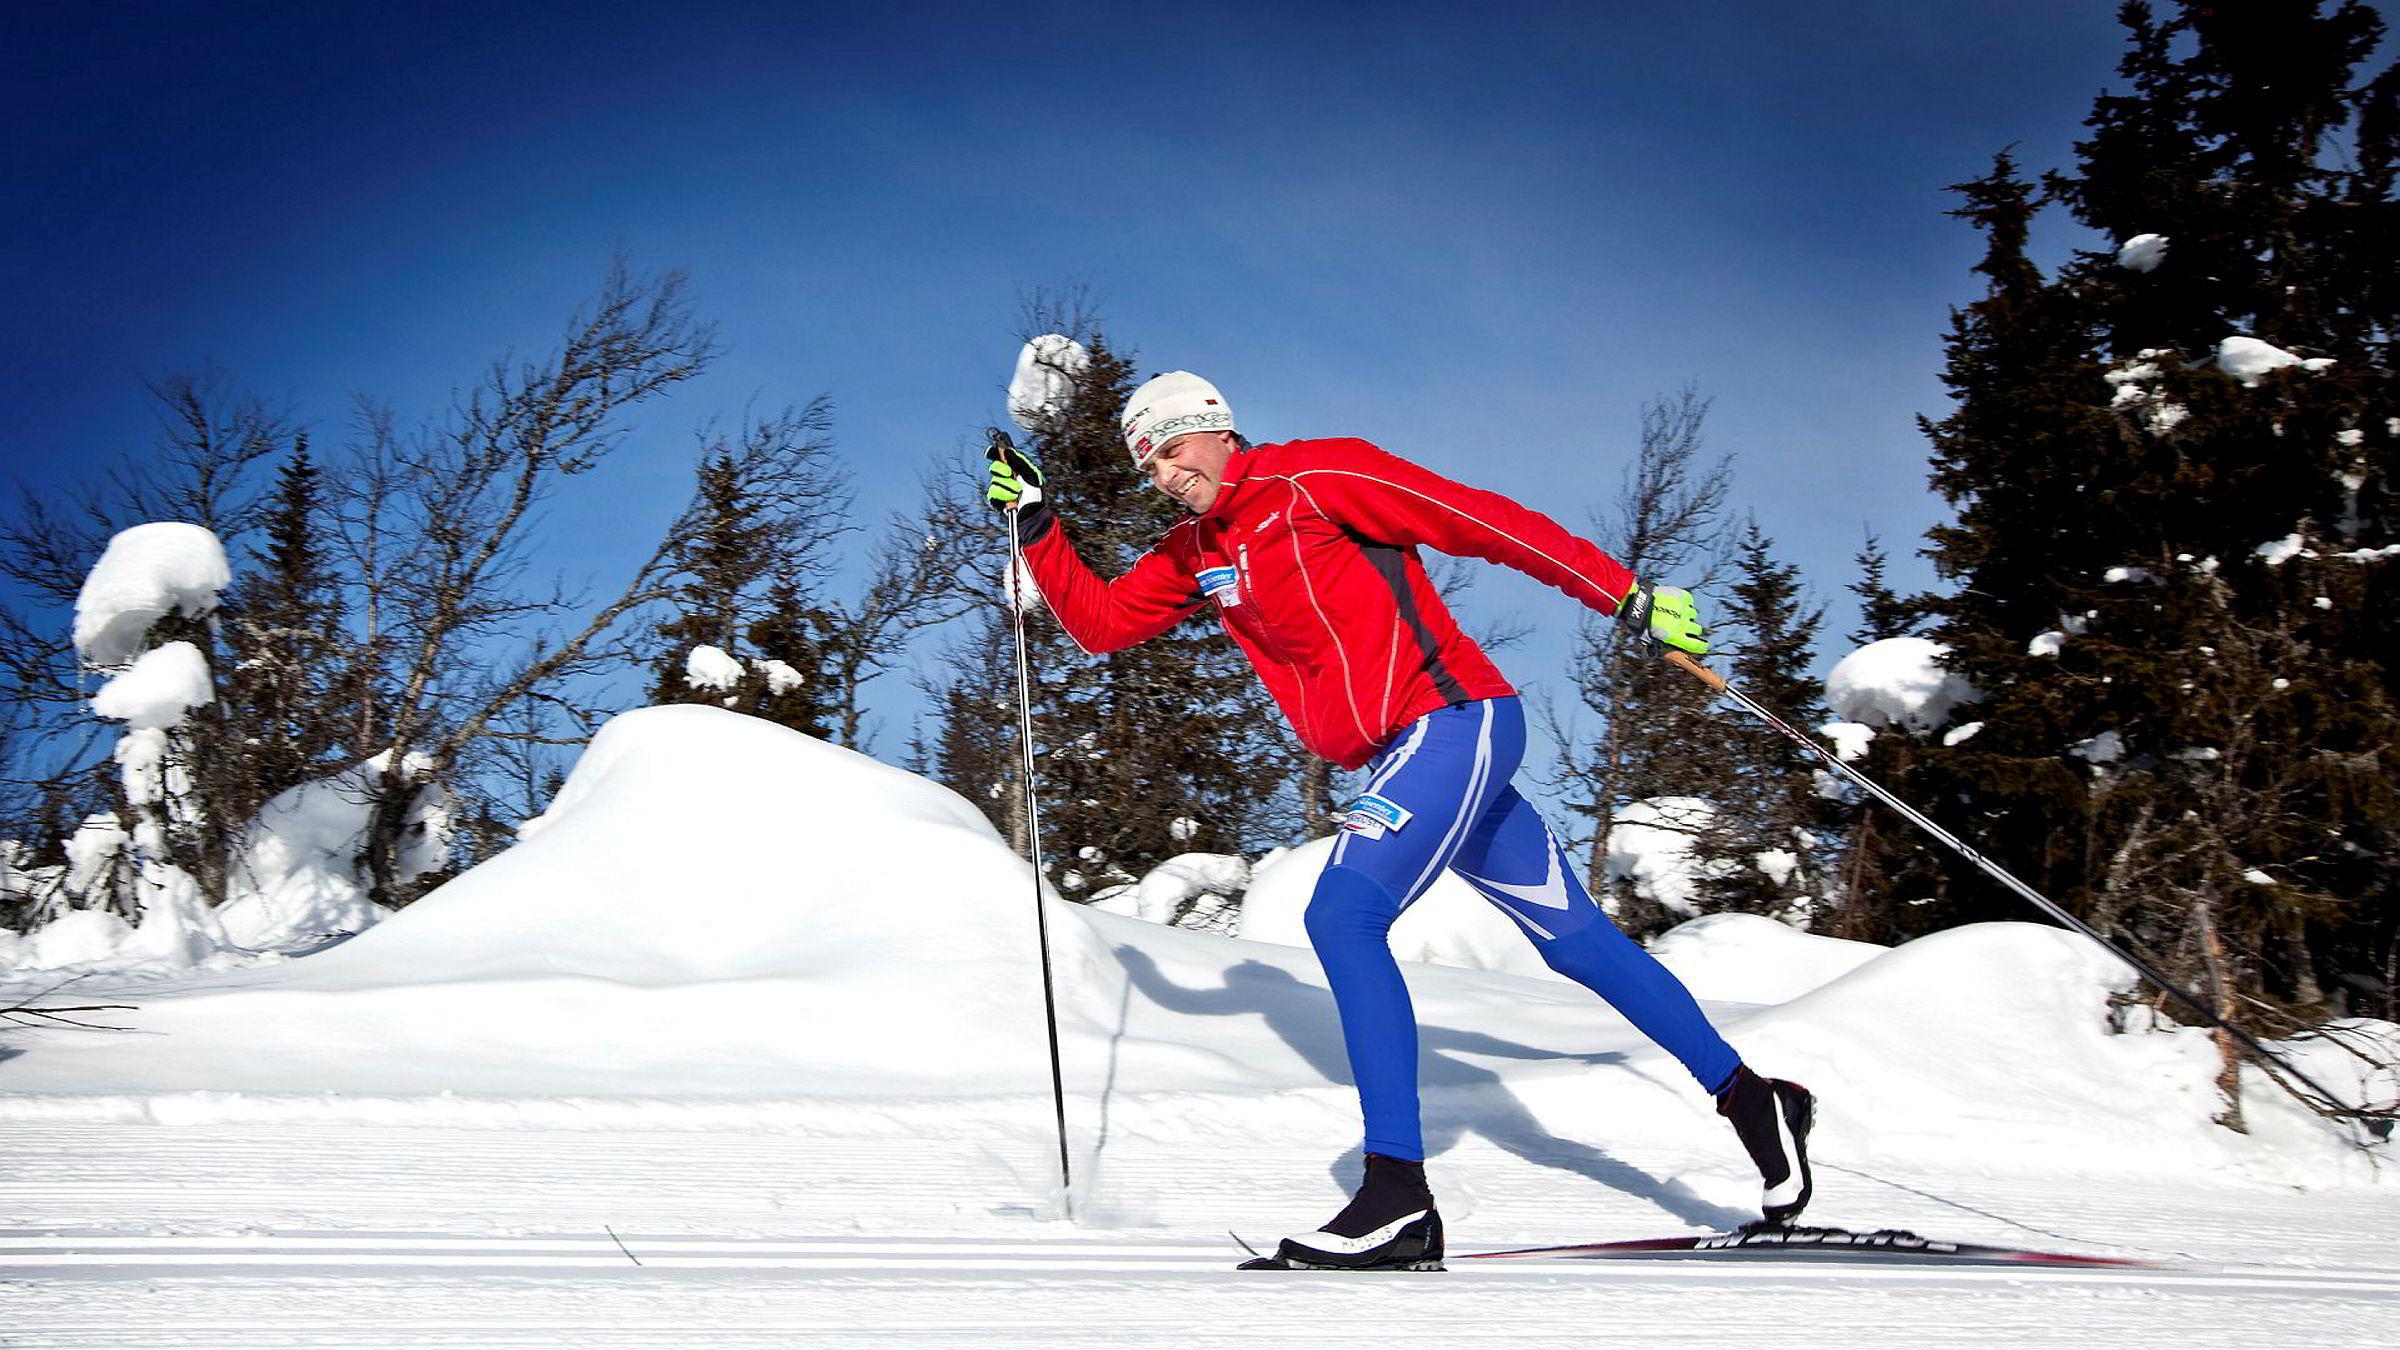 Klassisk-ekspert Erling Jevne vant stafett-gull og sølv på tremilen under vinter-OL i Nagano i 1998. Her viser han hvordan du får bedre teknikk i staking, dobbeltak med fraspark og diagonalgang.